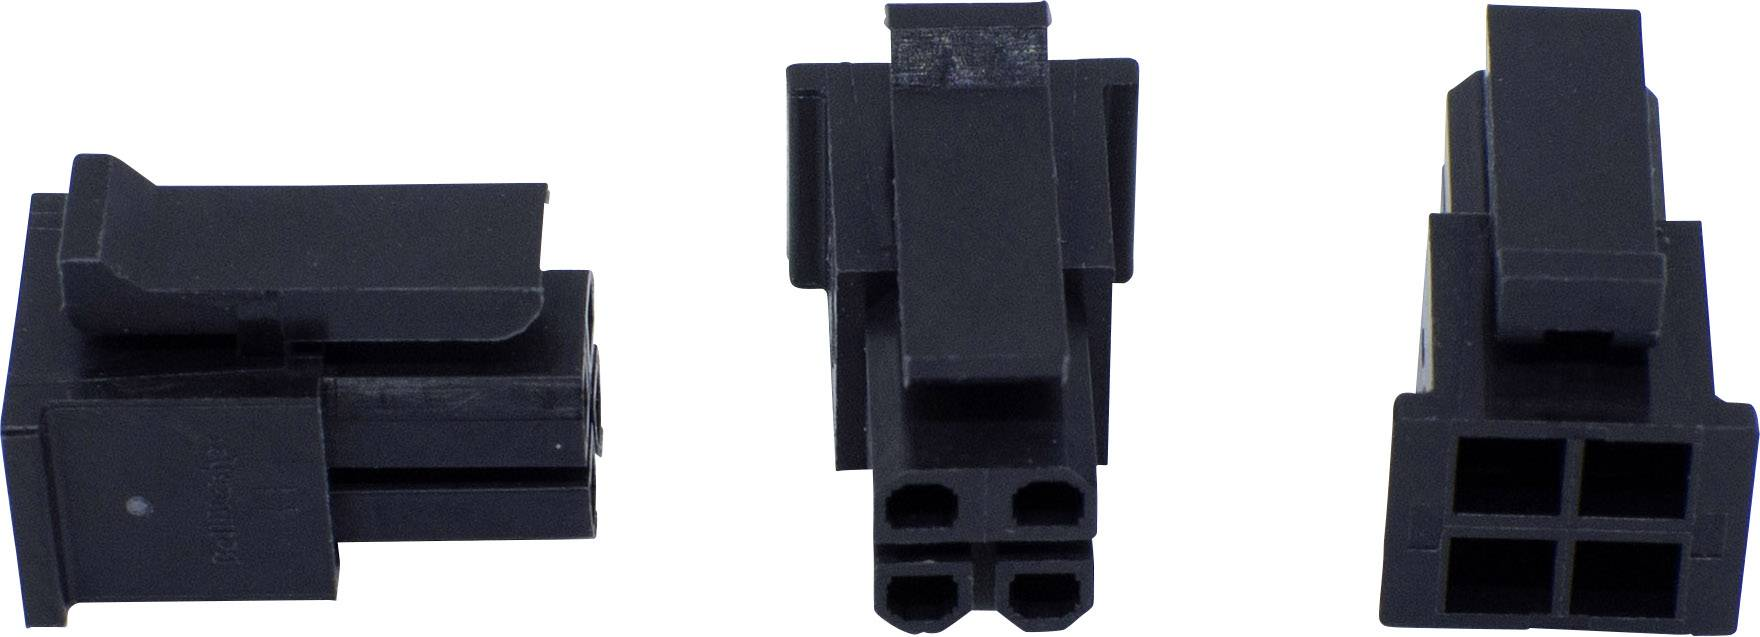 Zásuvkové púzdro na kábel BellWether 70093-1000, pólů 10, rozteč 3 mm, 1 ks